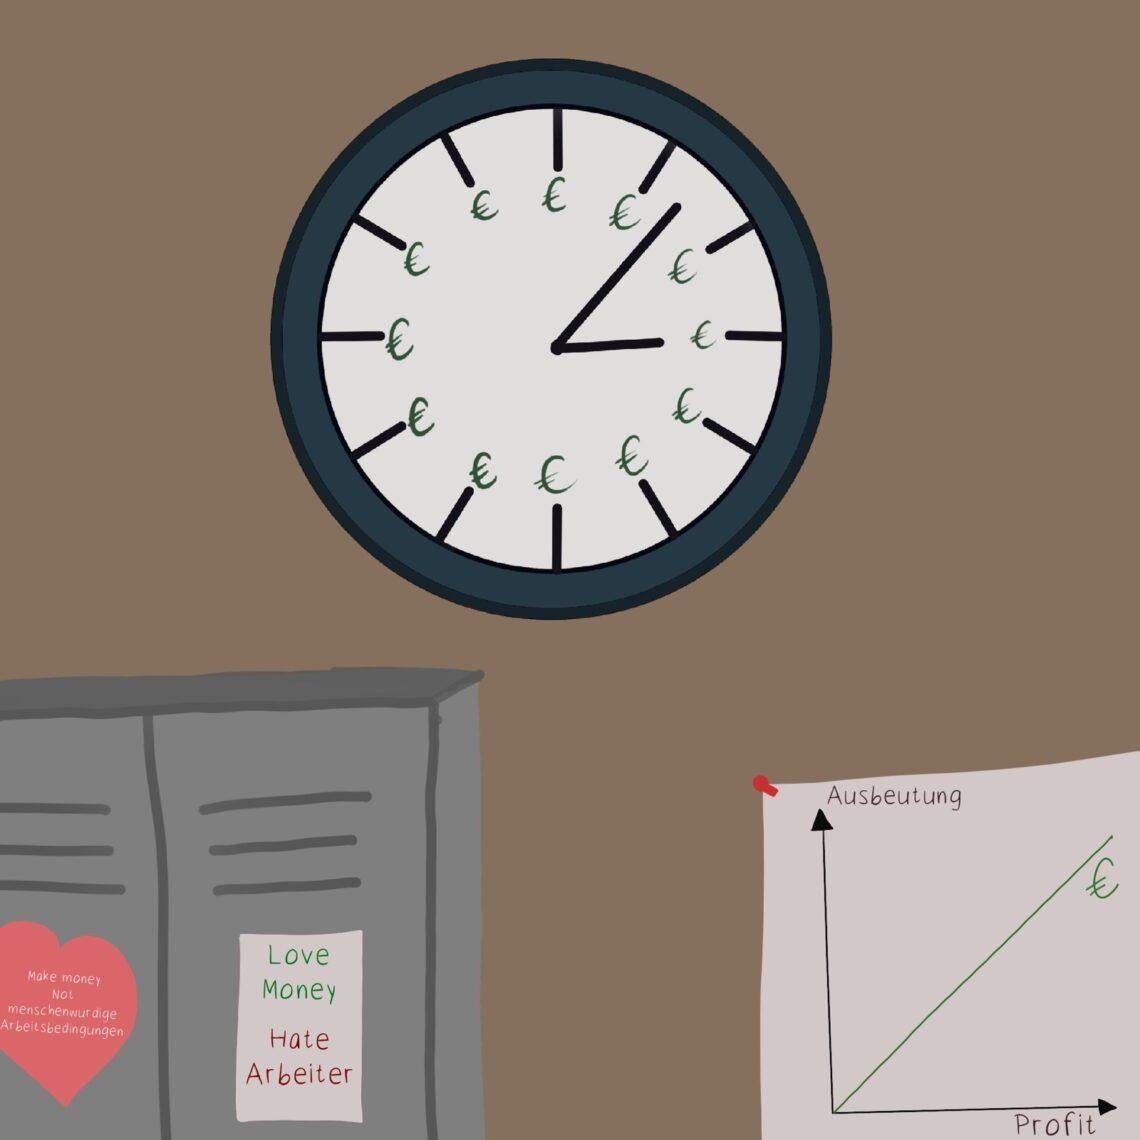 Zeit, Geld, Arbeit